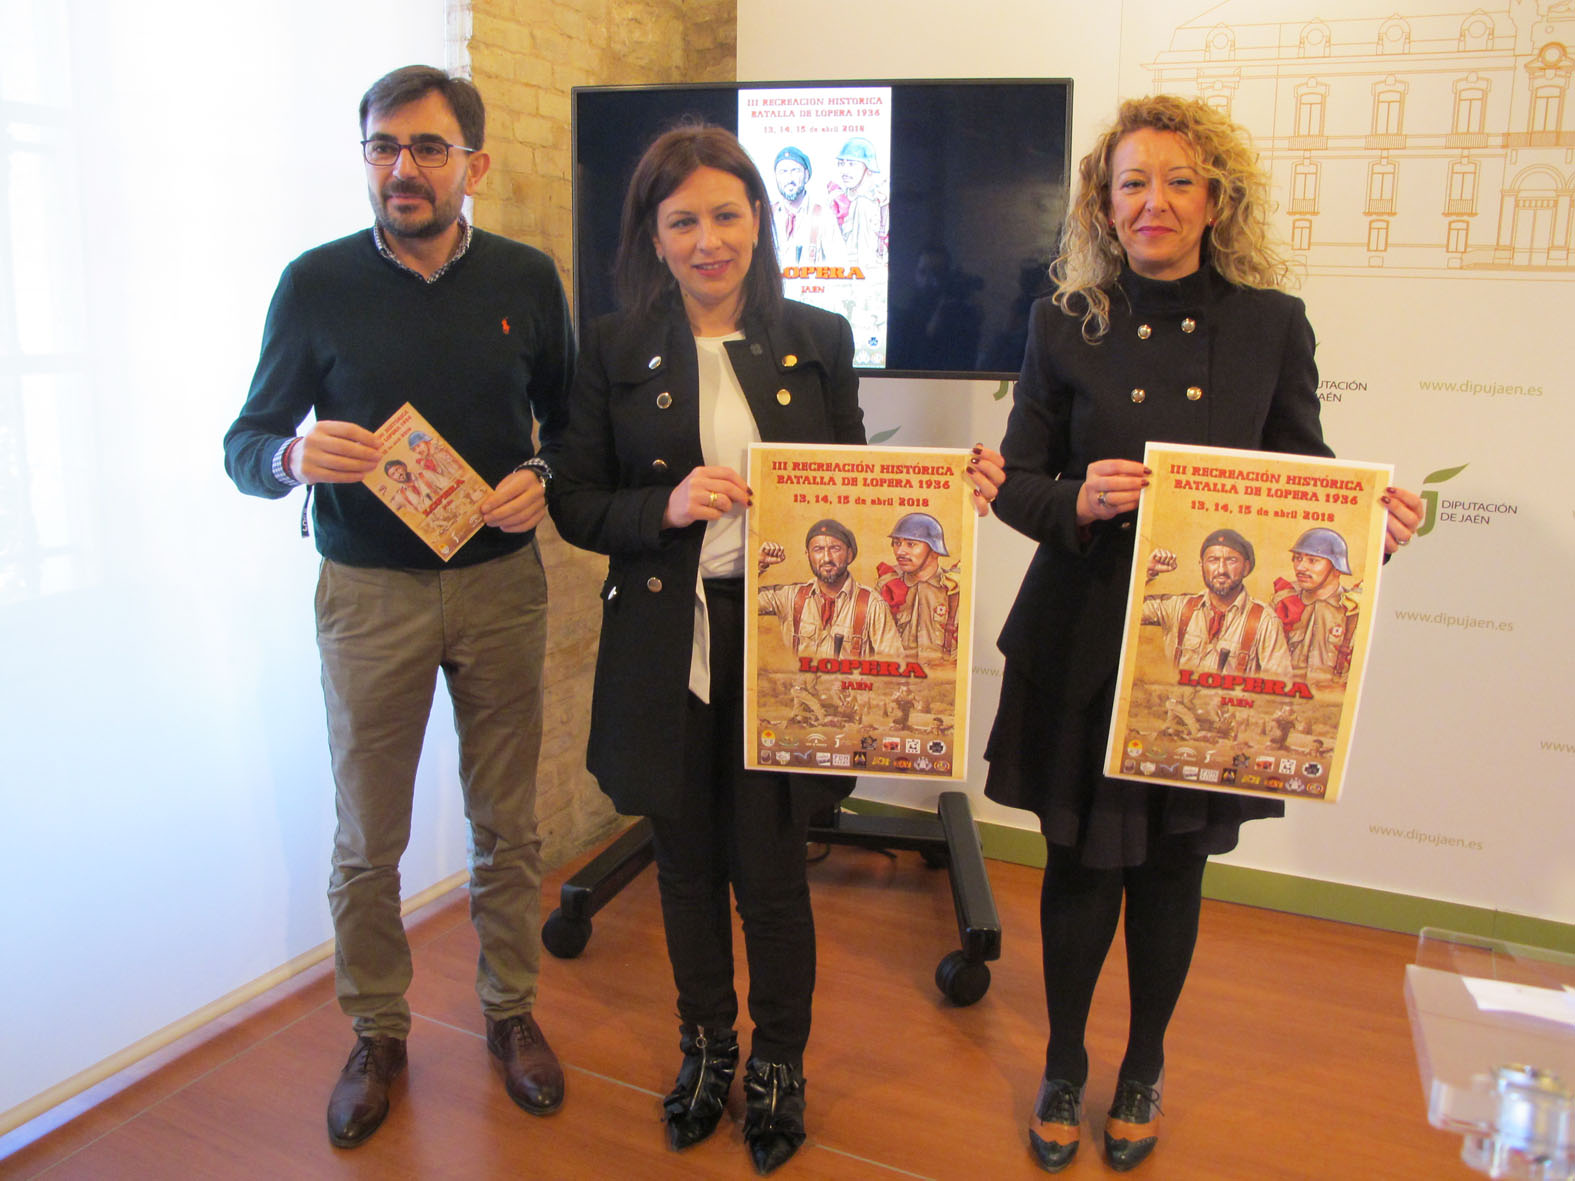 """La III Recreación de la Batalla de Lopera aunará entre los días 13 y 15 de abril """"historia, cultura, turismo y memoria"""""""